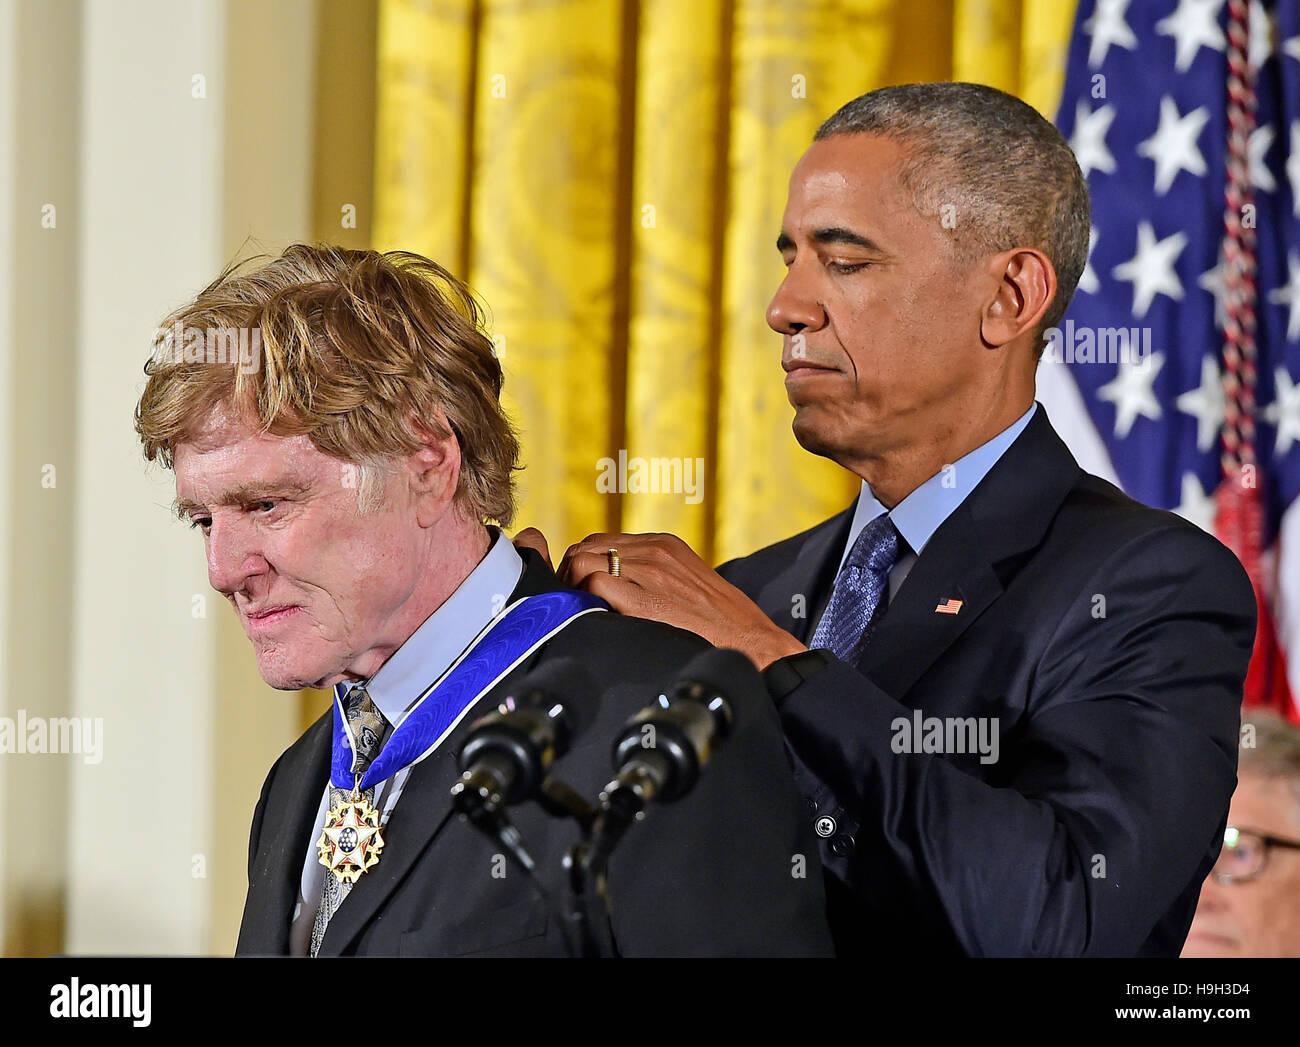 El Presidente de Estados Unidos, Barack Obama presenta la Medalla Presidencial de la libertad al actor, director, Imagen De Stock